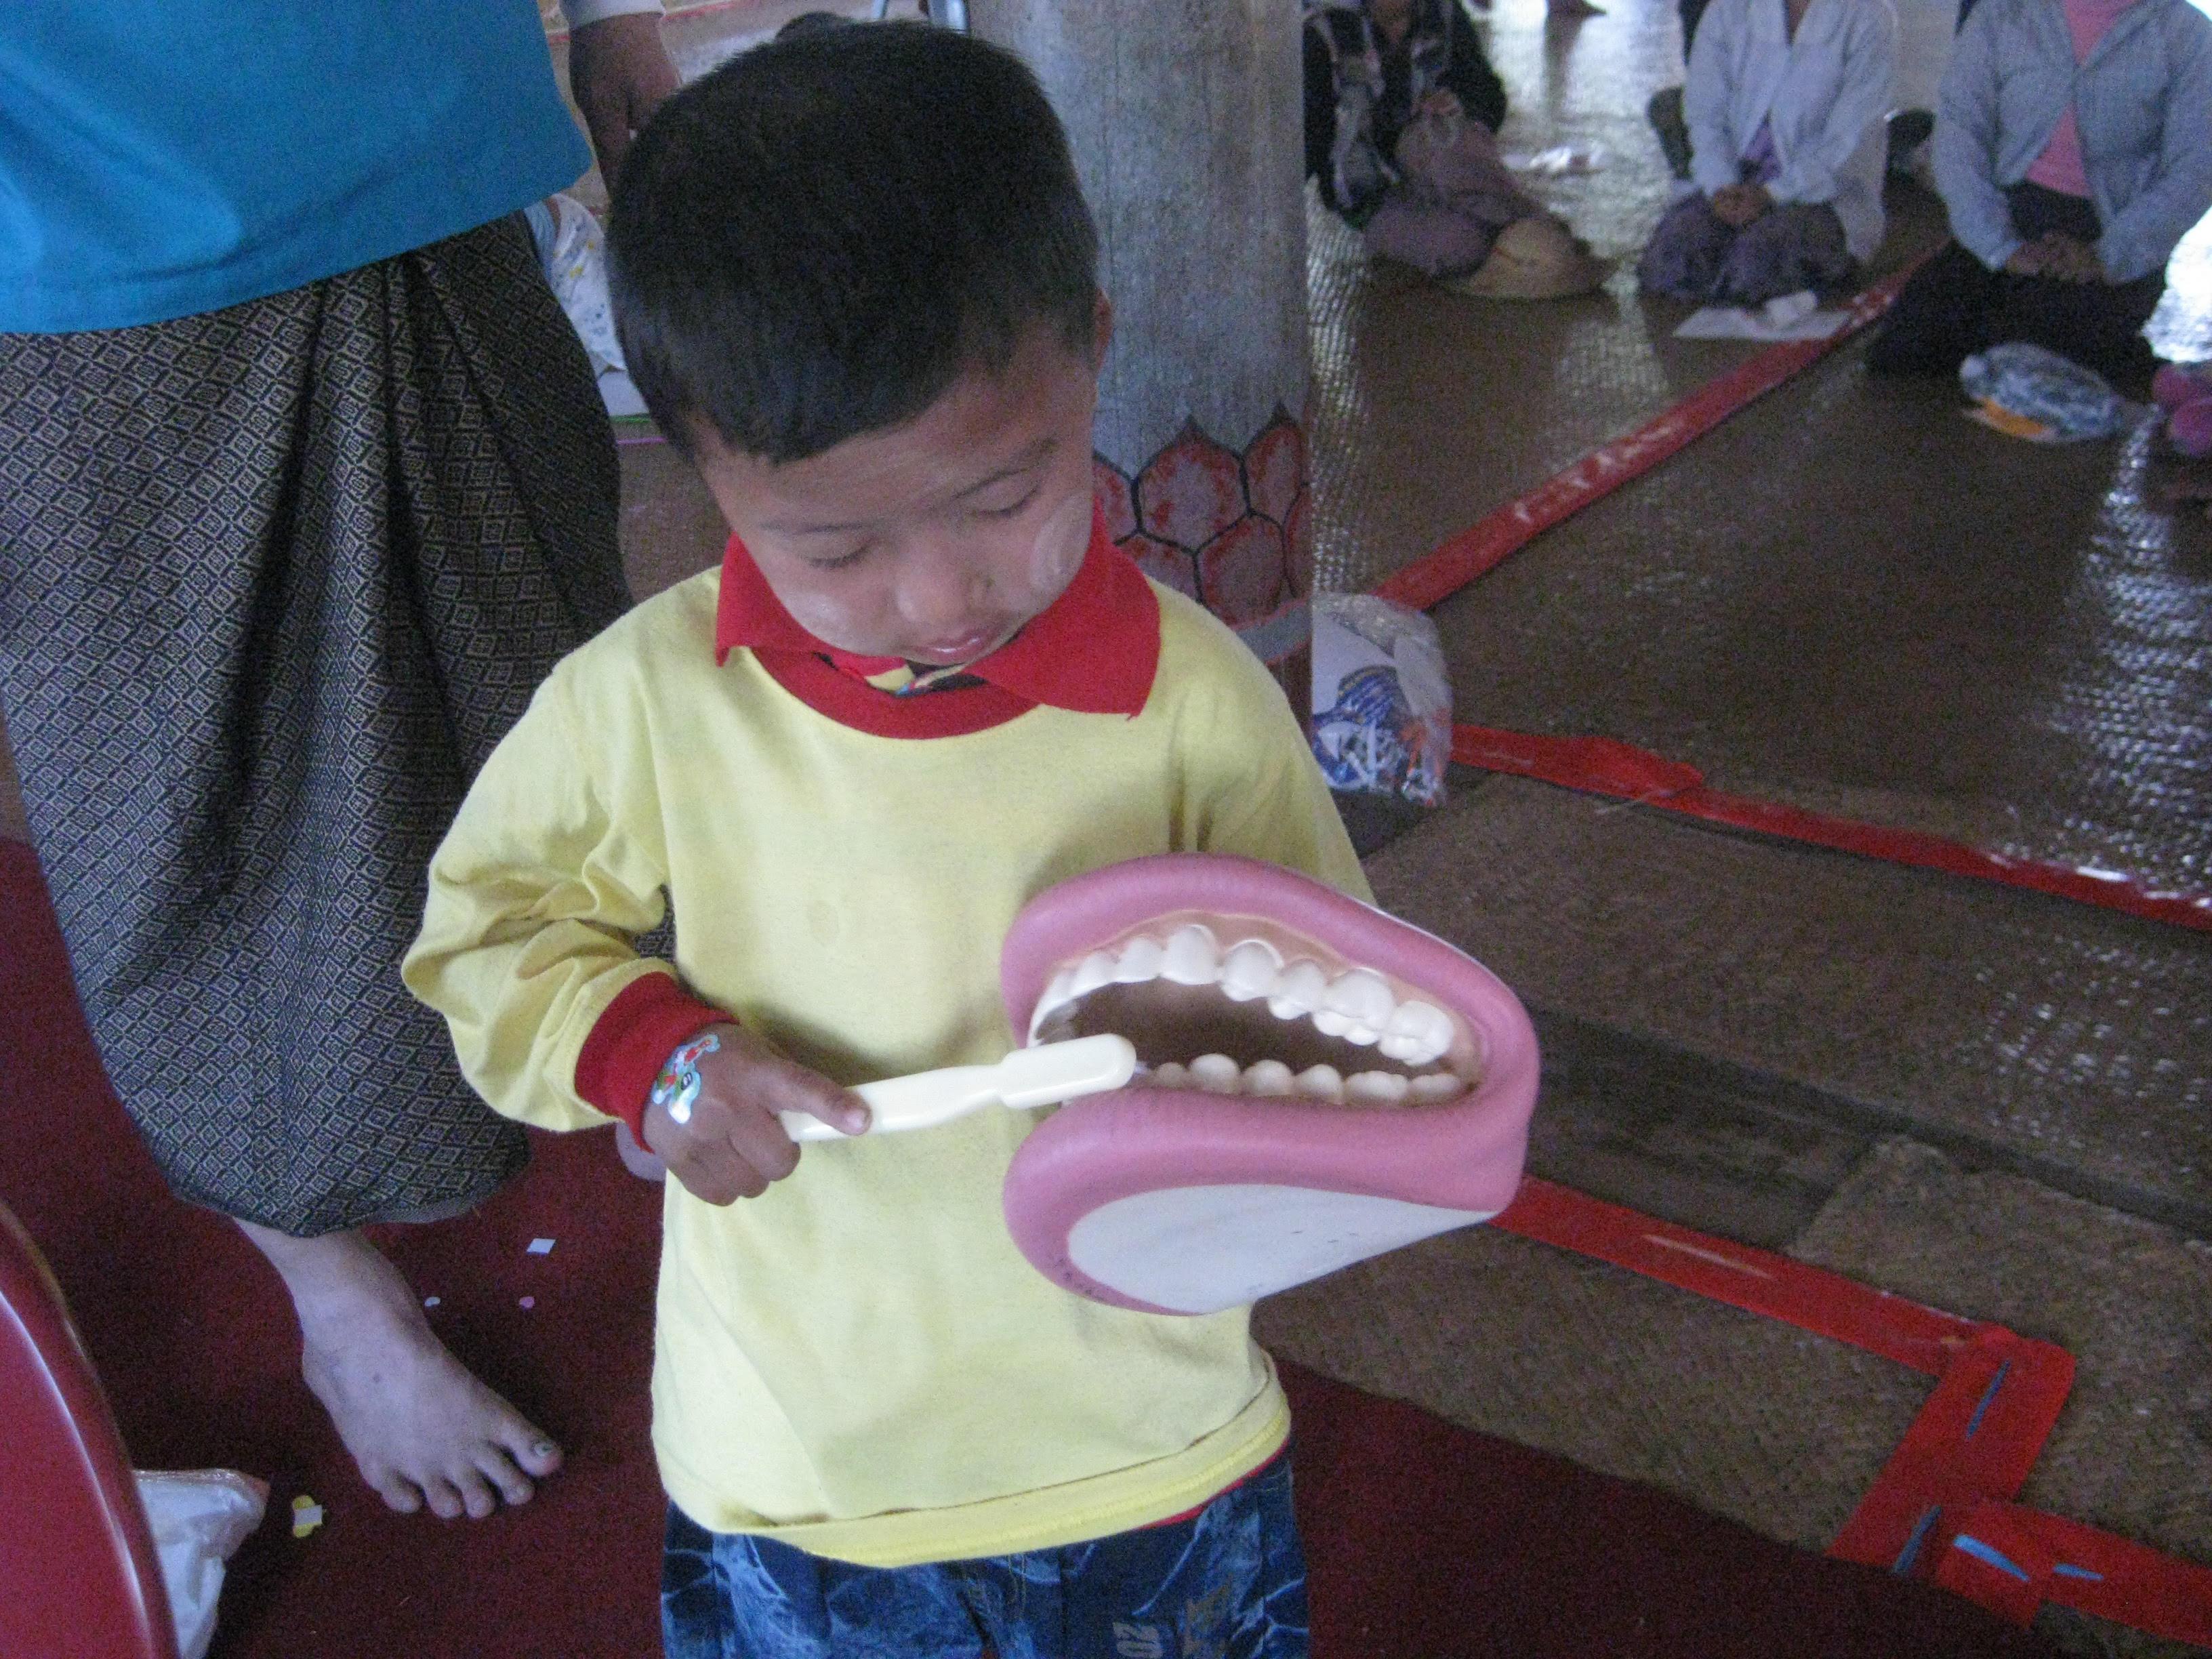 Toothbrushing demonstration!